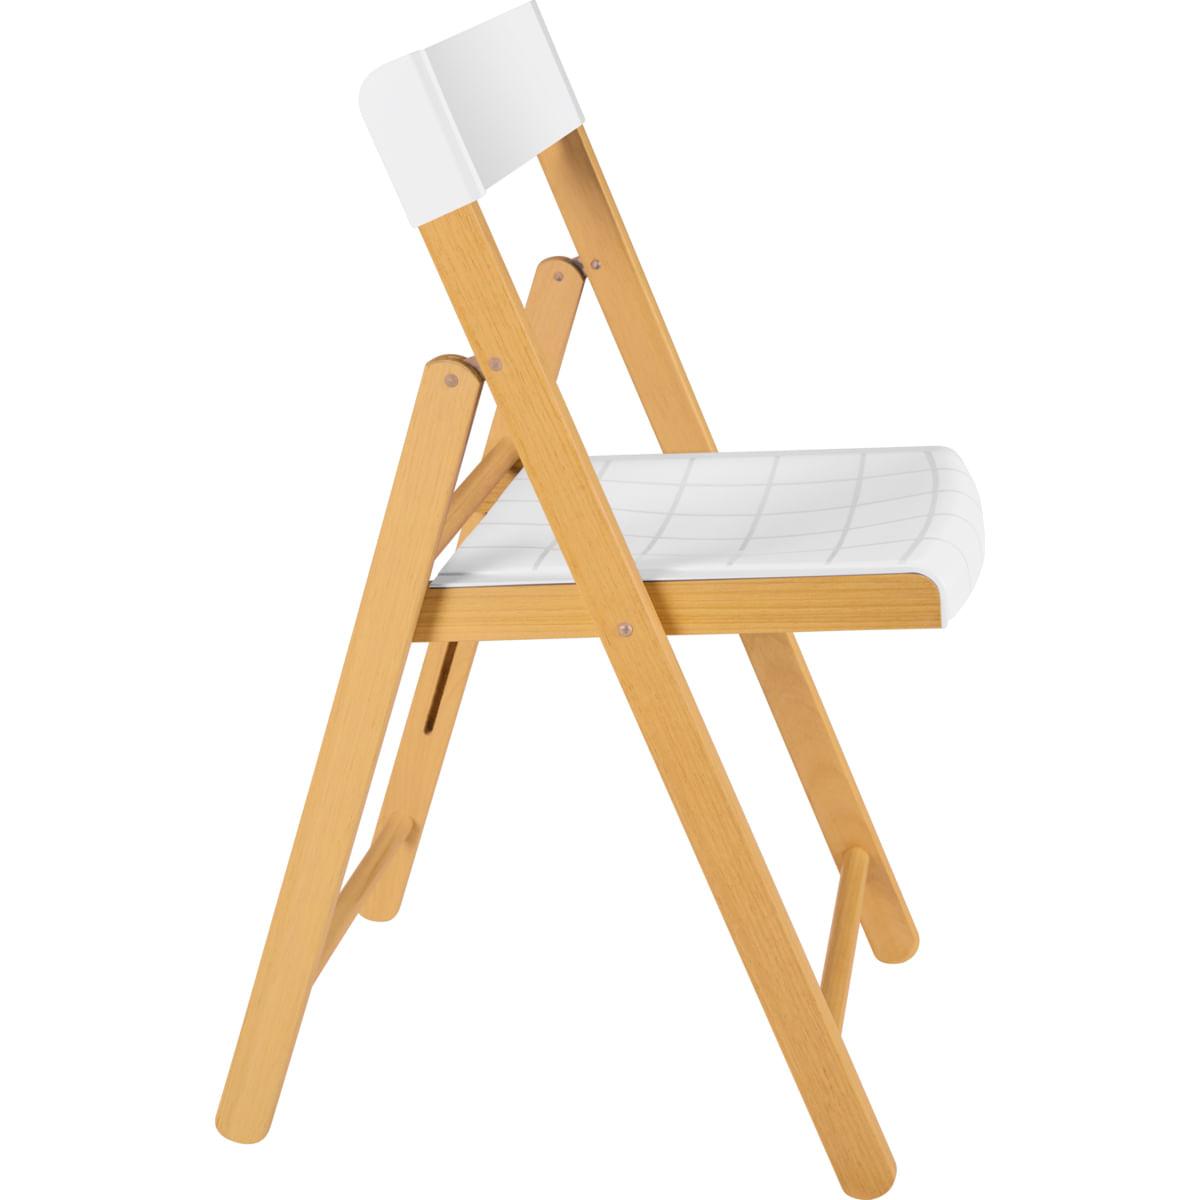 Cadeira Dobrável Tramontina em Madeira Tauarí Envernizada e Polipropileno Branco